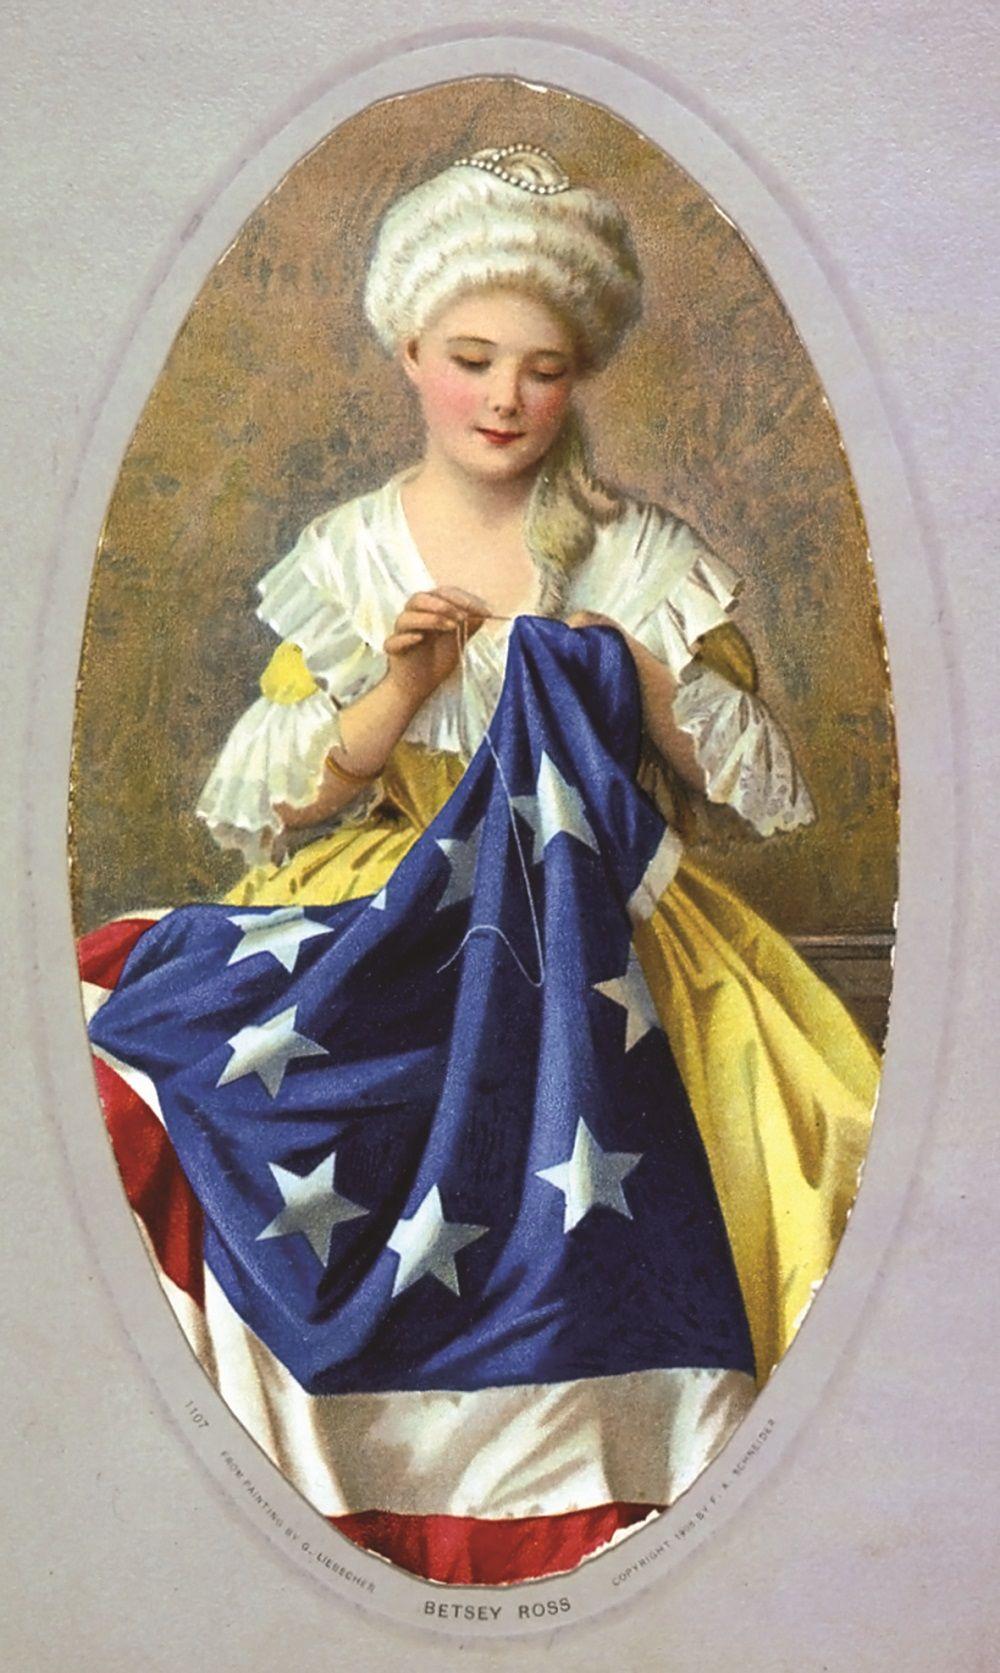 G. Liebscher, Betsy Ross sewing flag, 1908